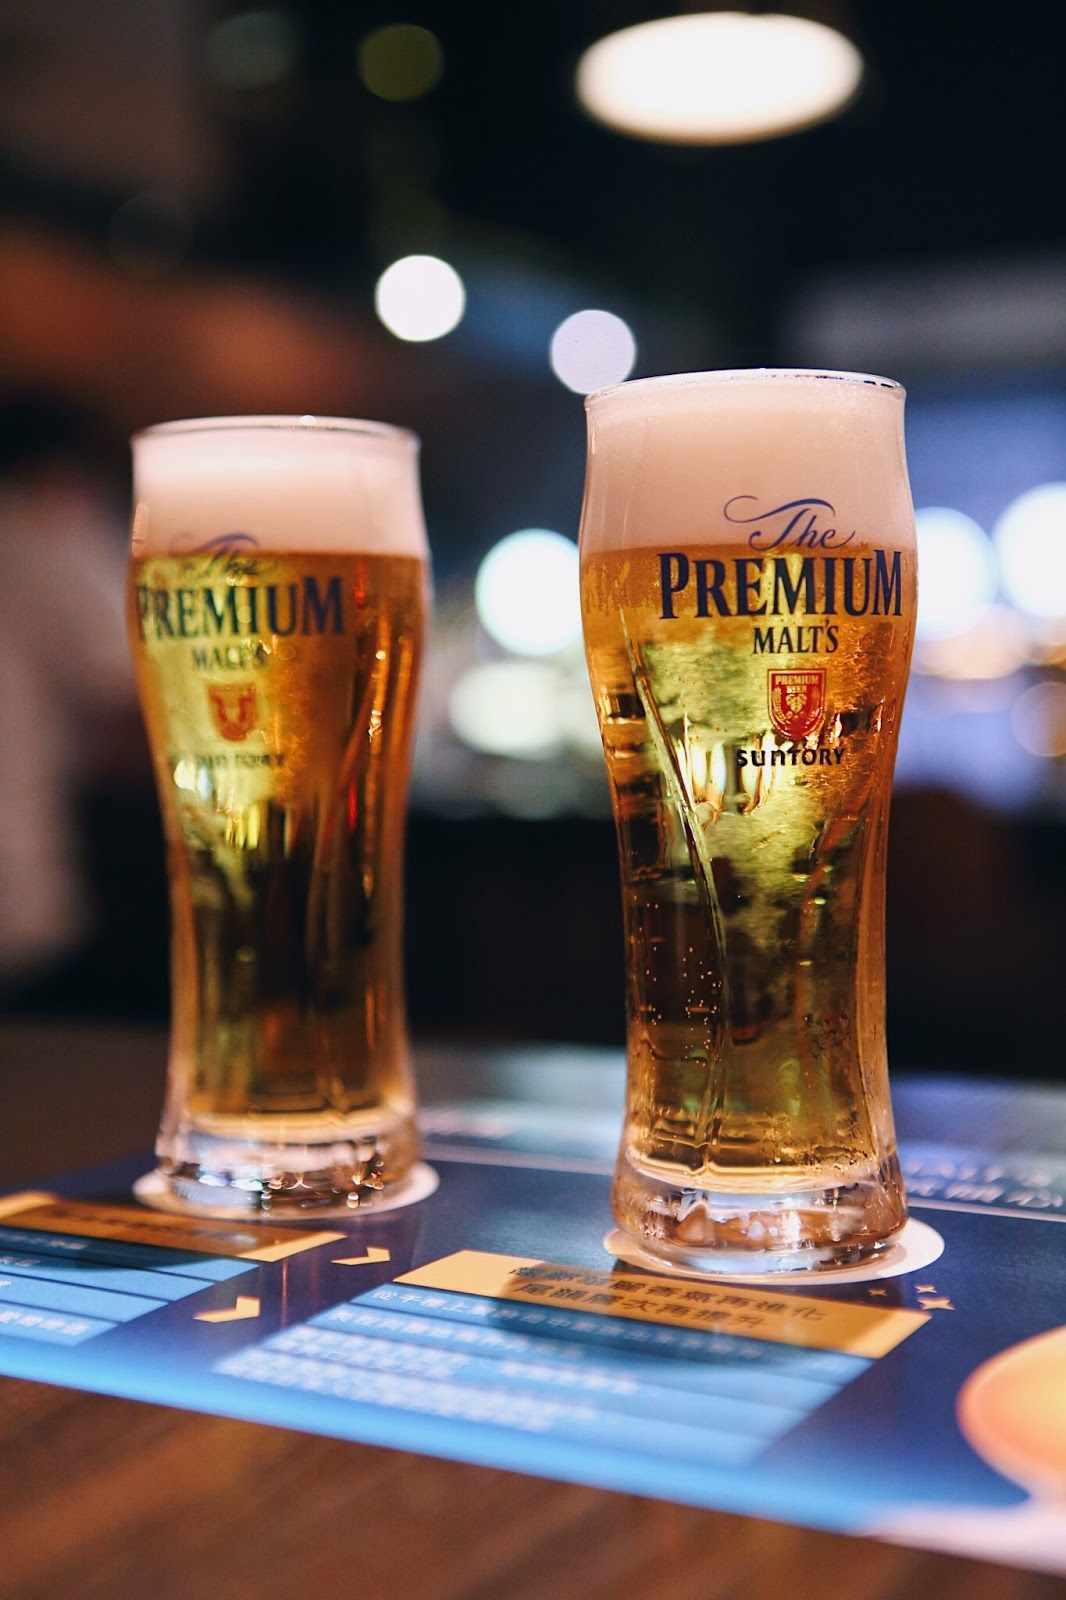 [活動]Lighthouse Beer Bistro X The Premium Malt's《香濃》升級試飲|臺北信義區|日本式艾爾啤酒大革新 - 小食日記